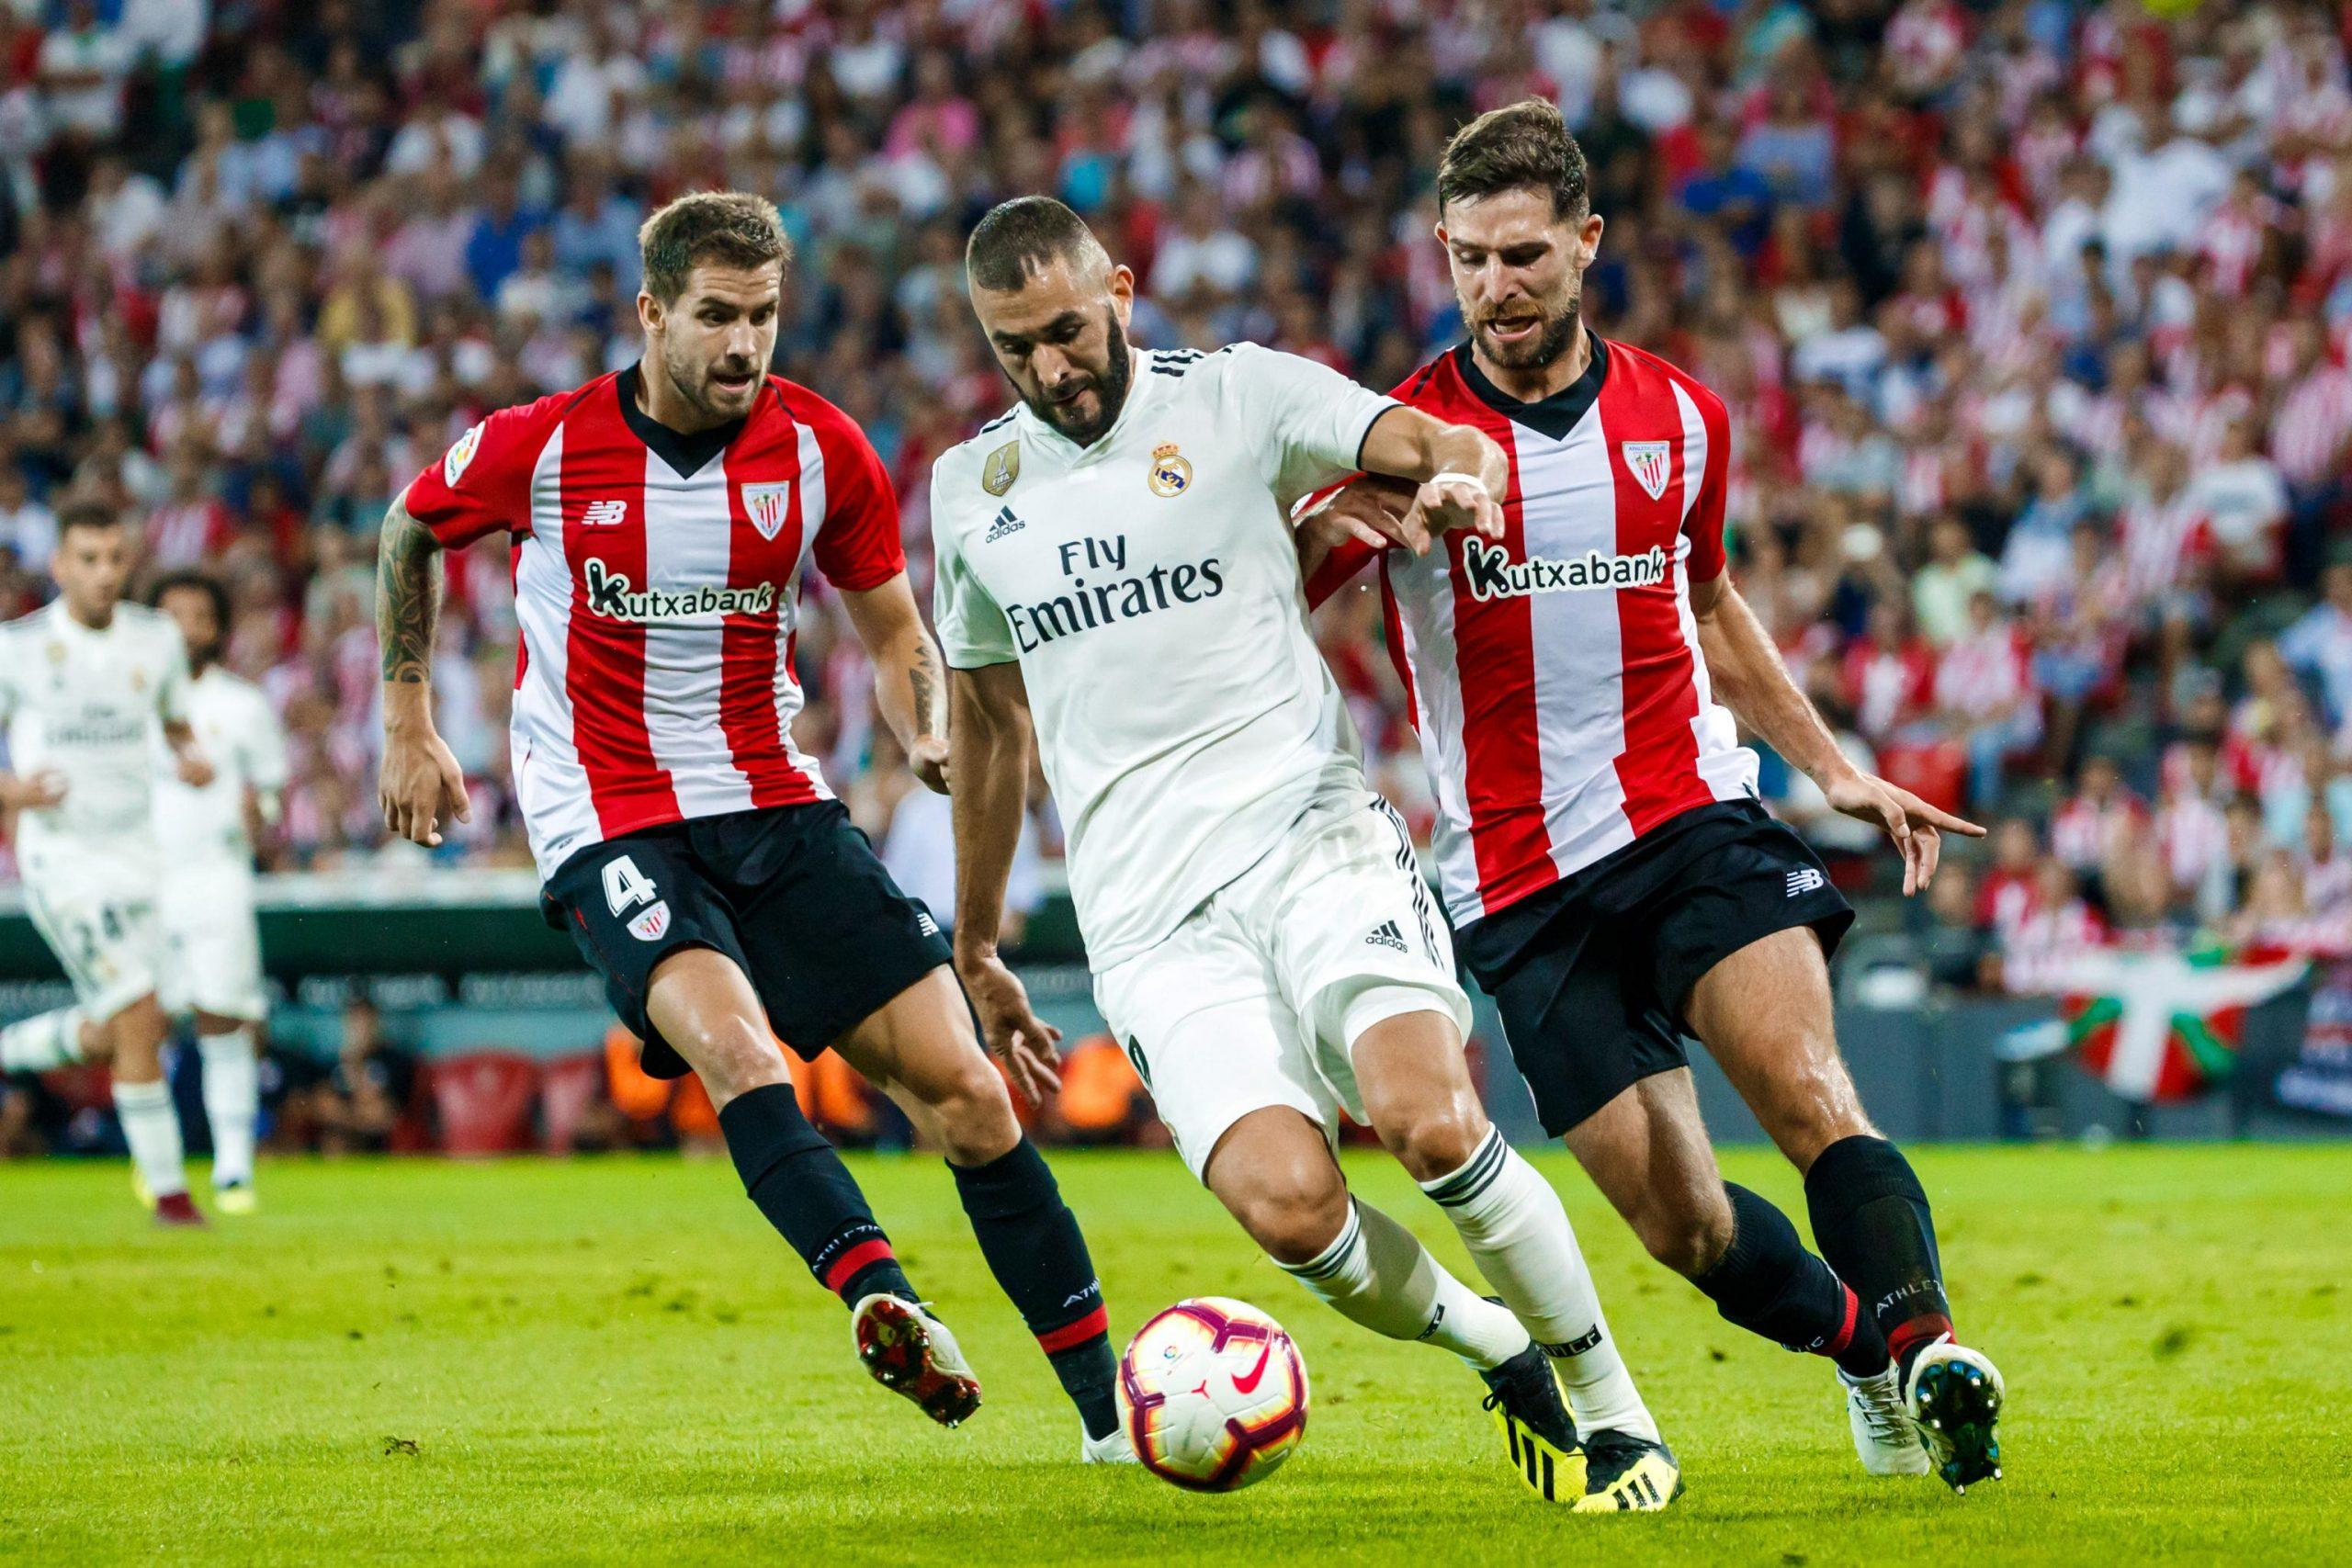 Link xem trực tiếp Real Madrid vs Bilbao 04h00 ngày 16/12